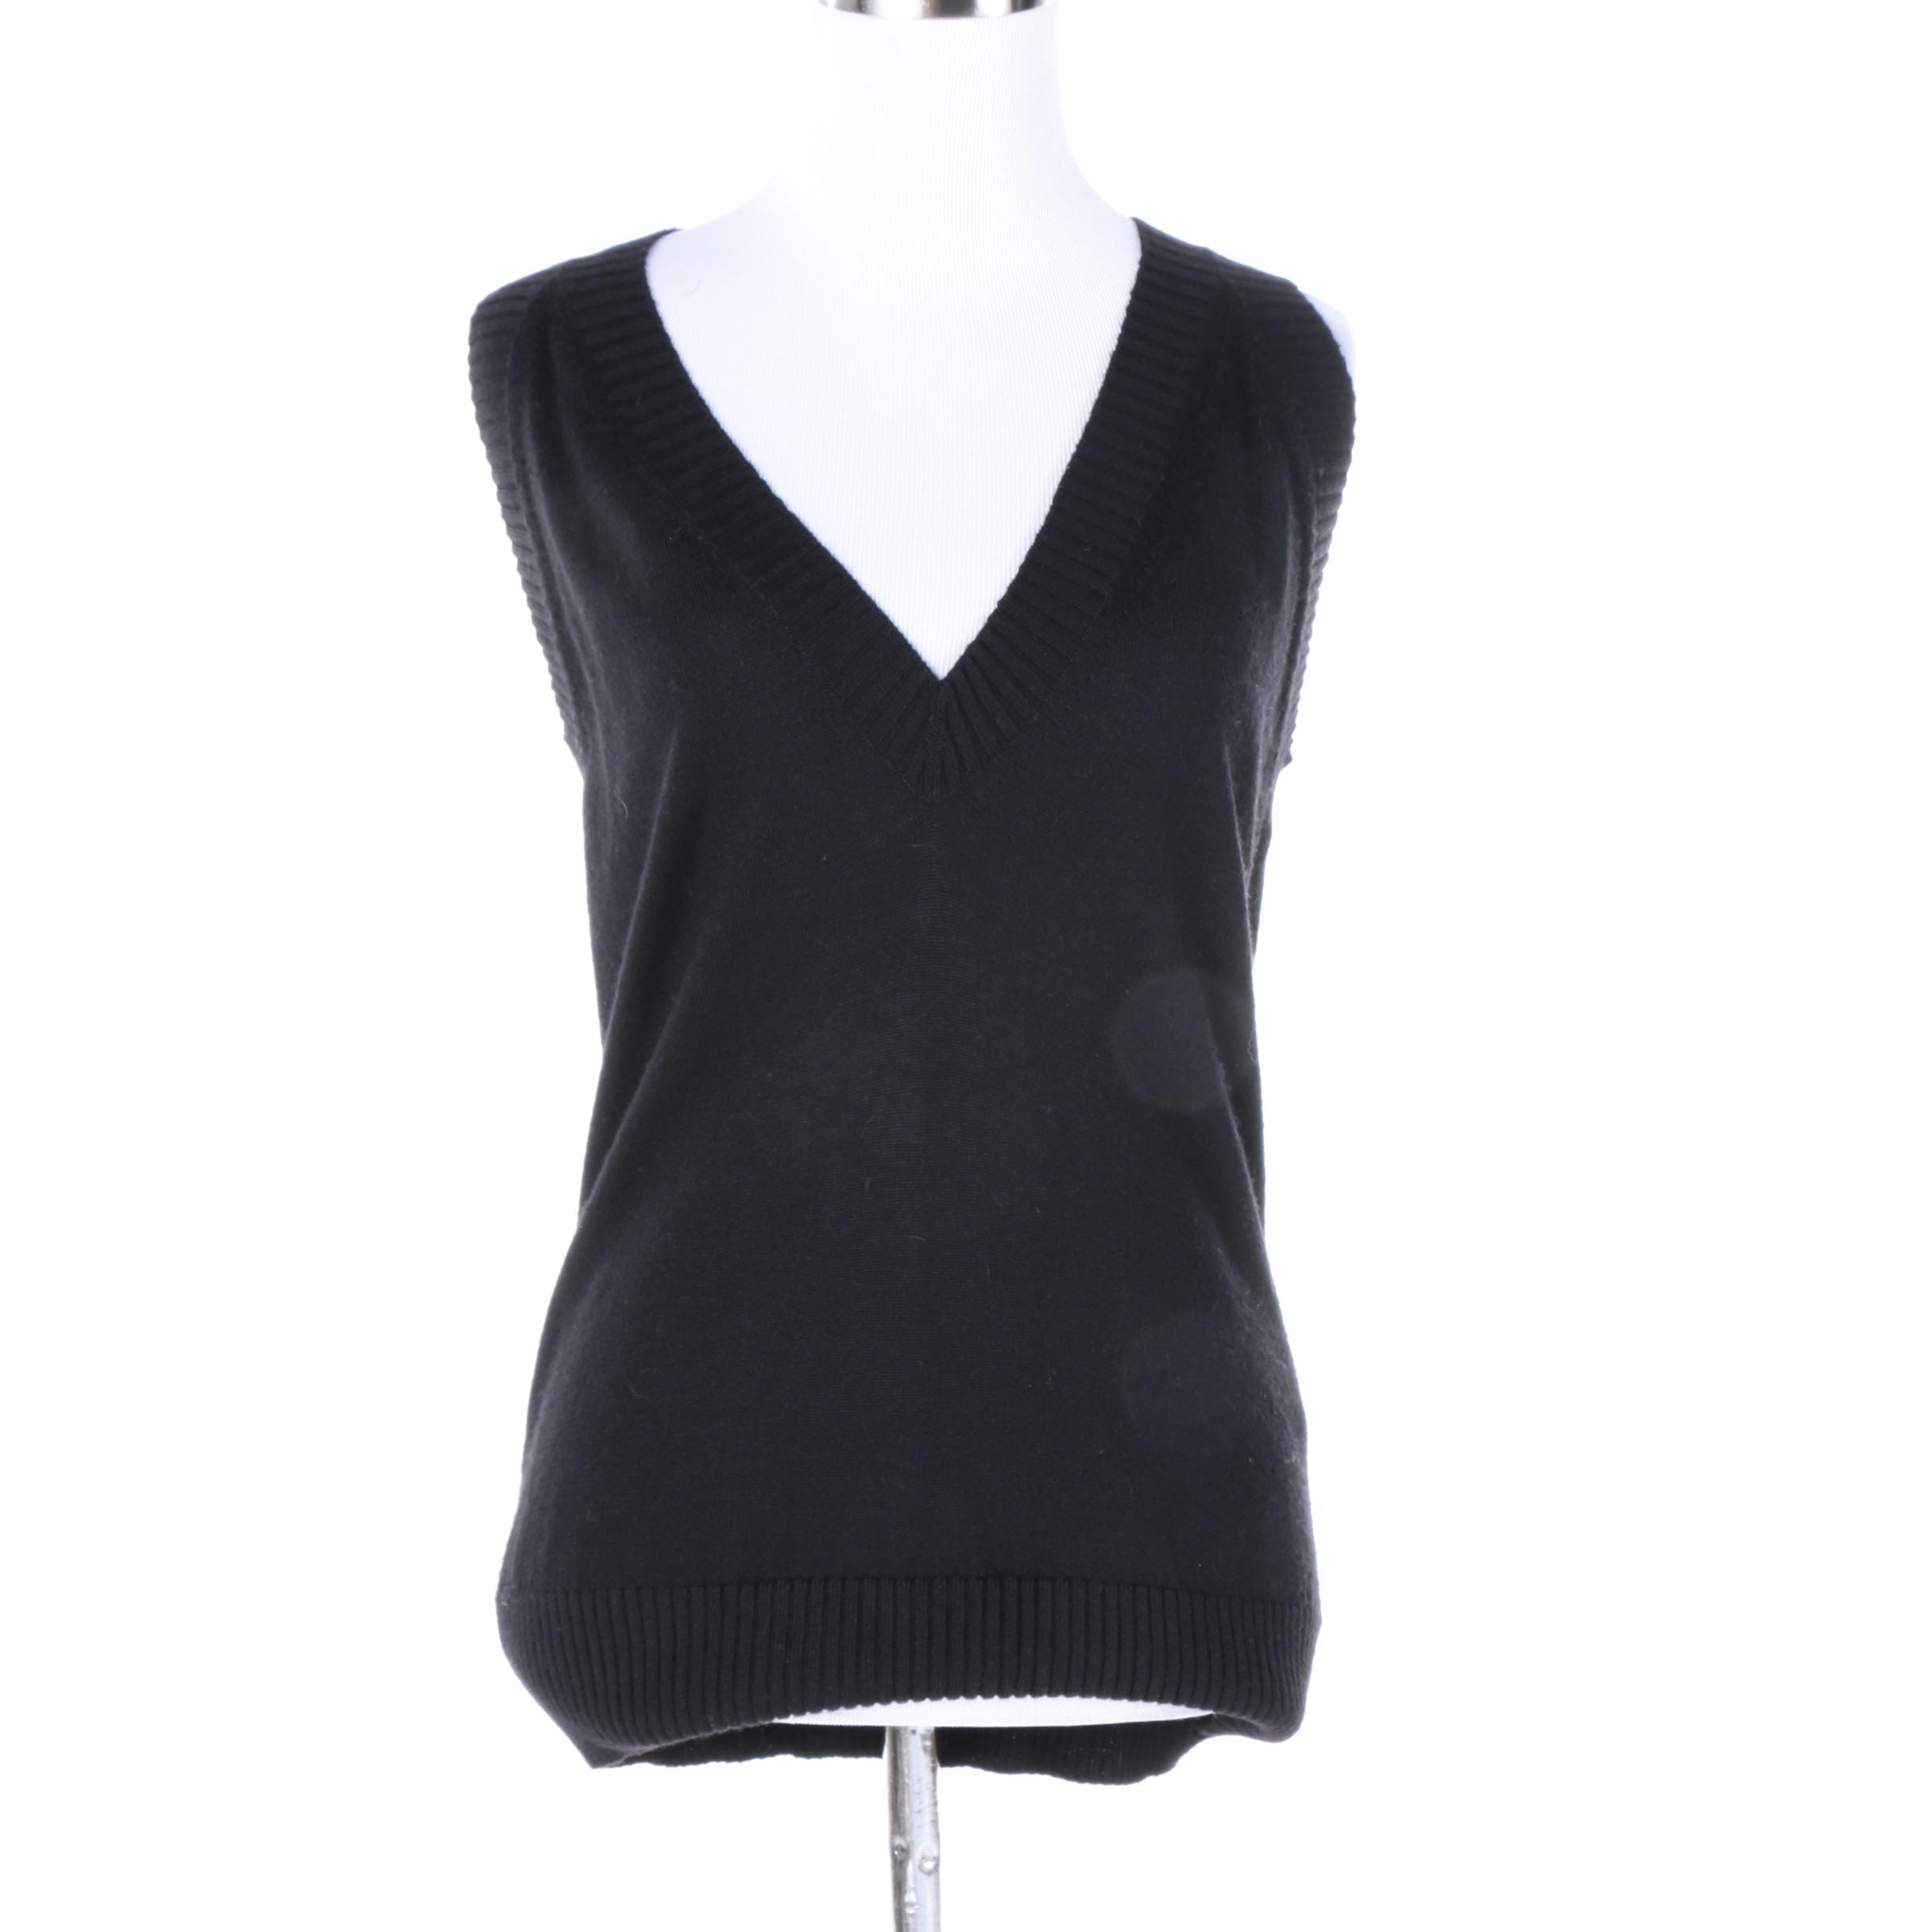 Dolce & Gabbana Black Knit Sweater Vest